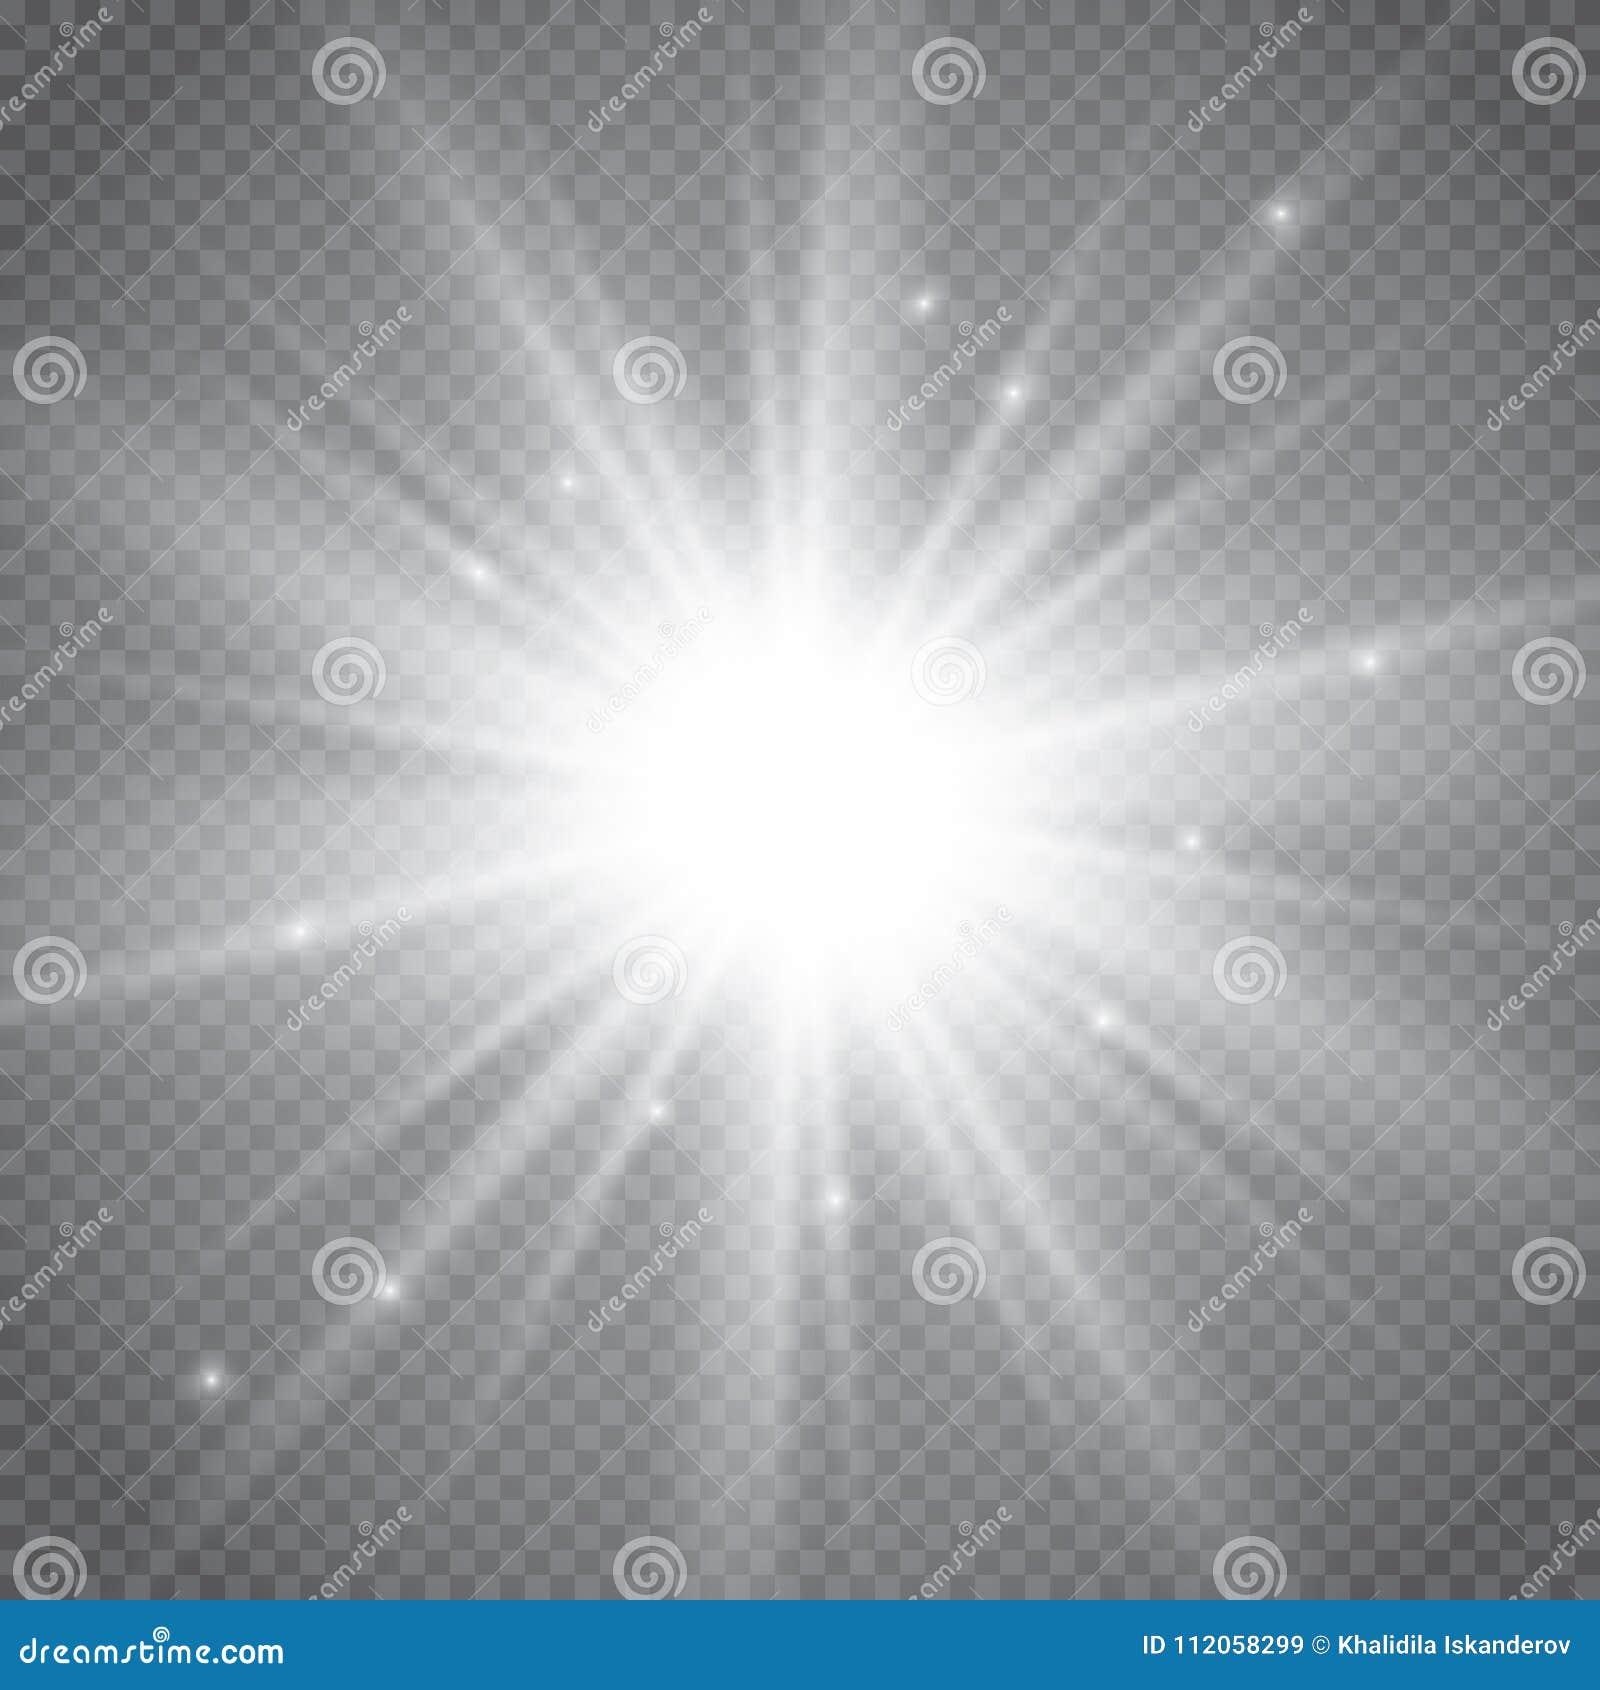 Reeks gouden het gloeien geïsoleerde lichteffecten voor transparante achtergrond Zonflits met stralen en schijnwerper Gloed licht